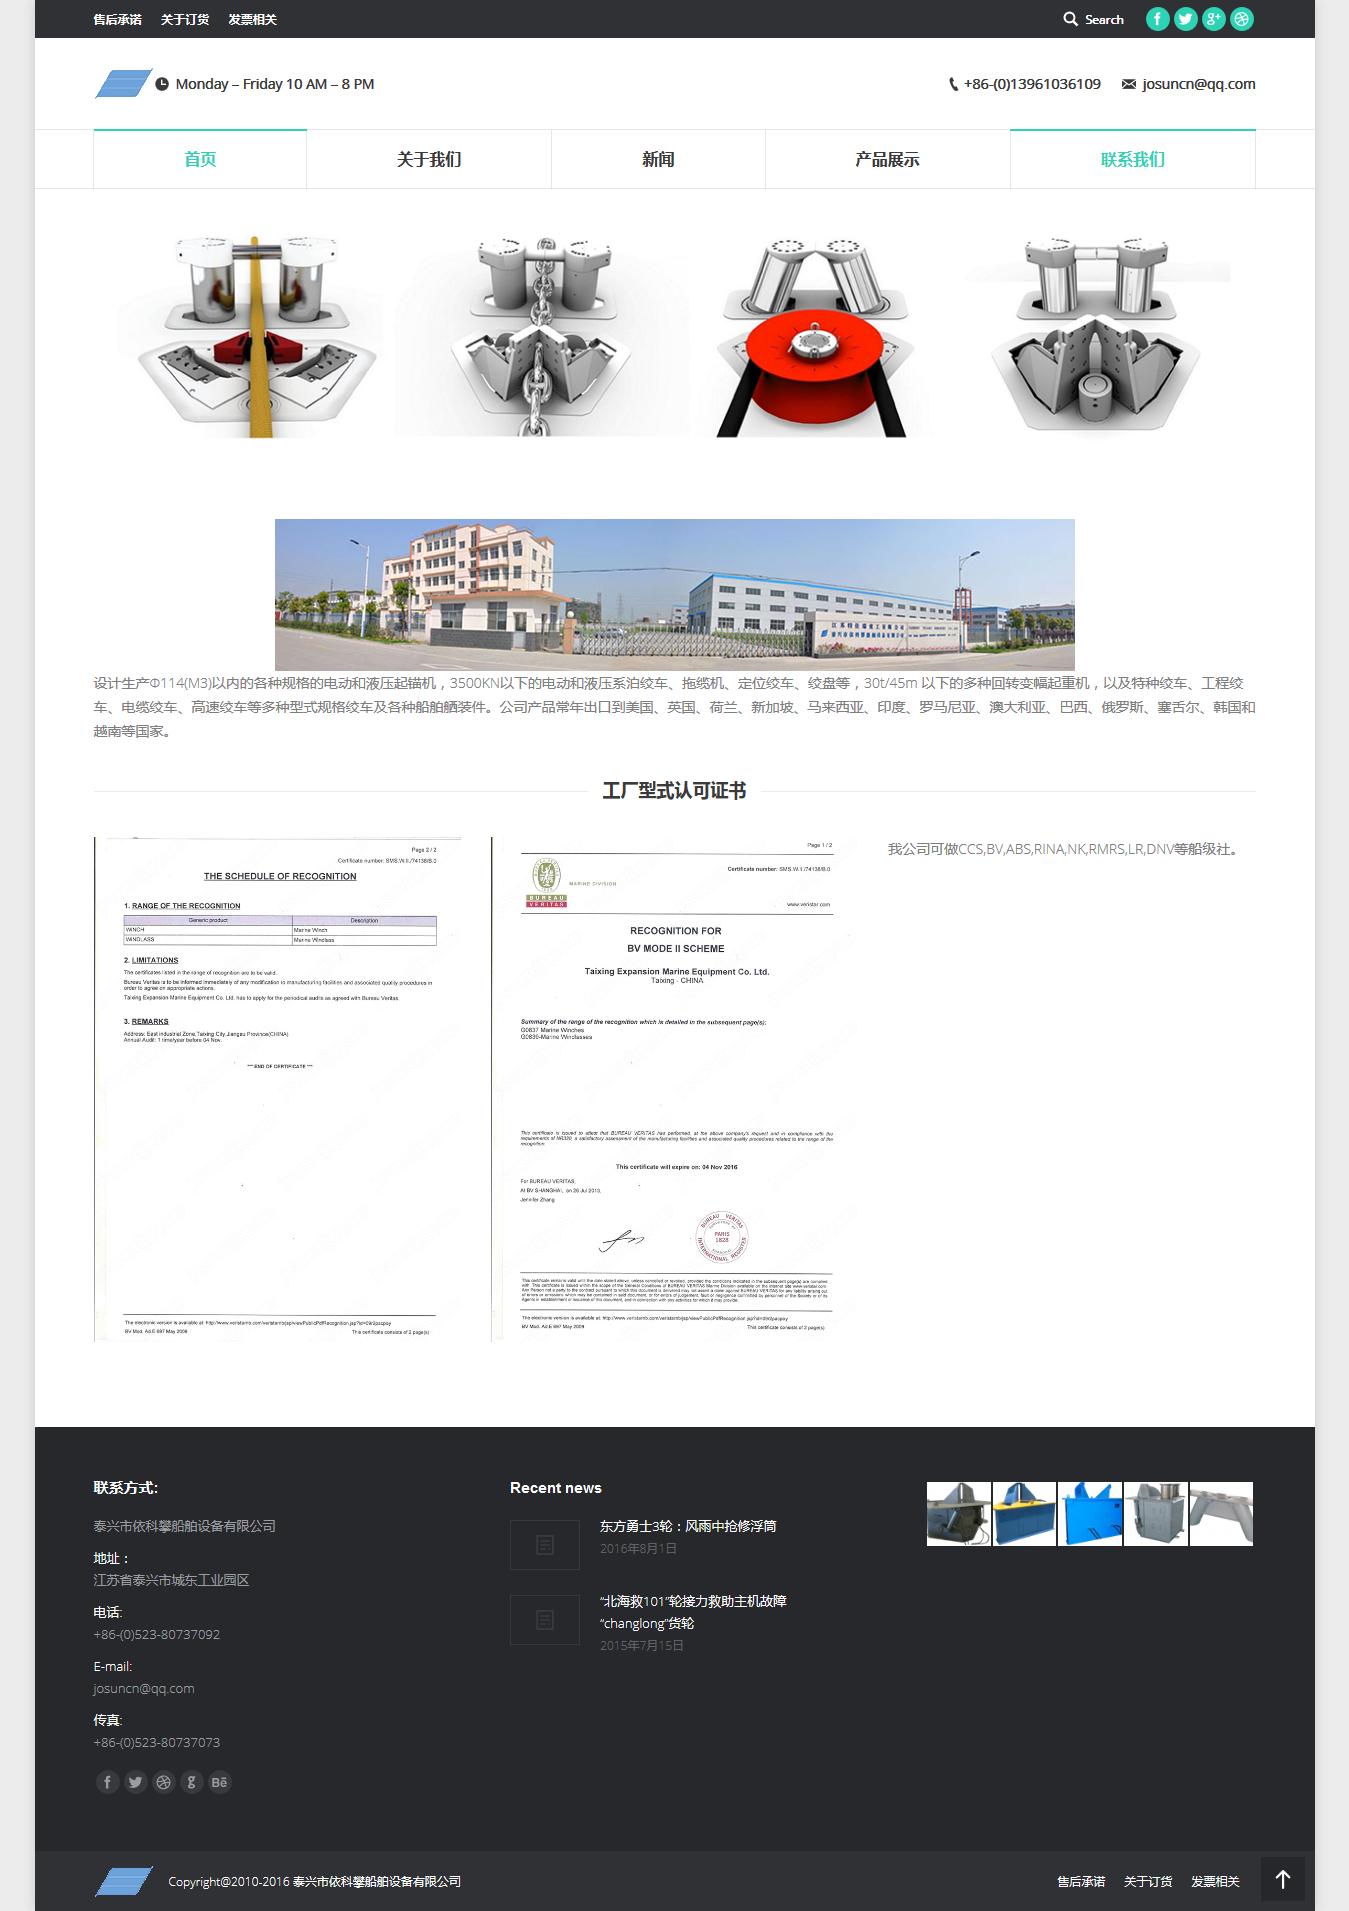 p1 泰兴市依科攀船舶设备有限公司